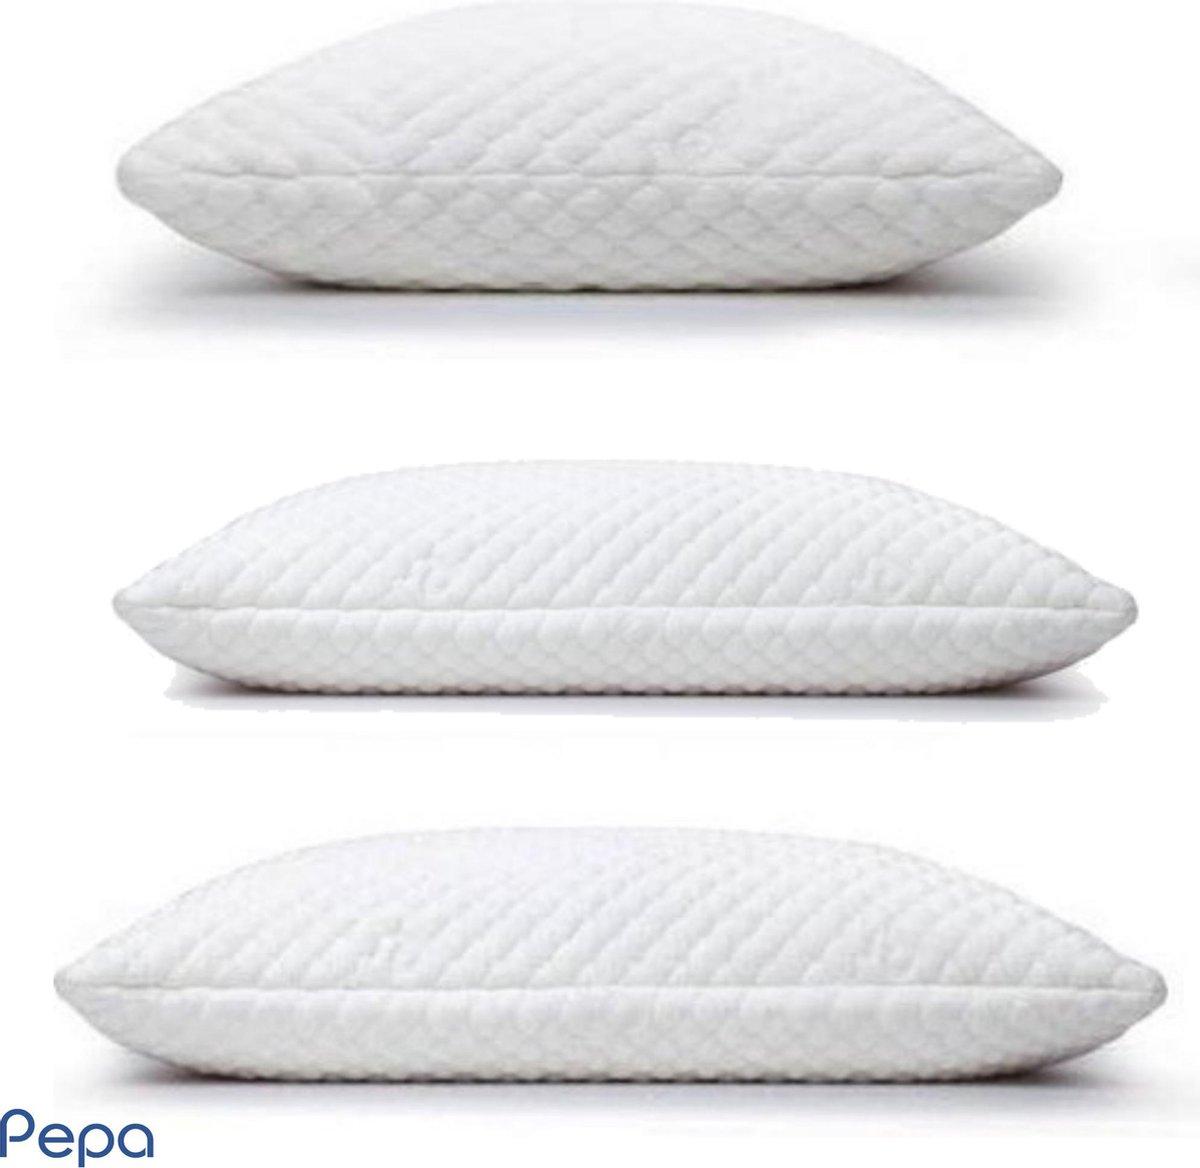 Pepa Hoofdkussen | Classic | 50x60 cm | Traagschuim | Hotelkwaliteit | Kussens slaapkamer | Nekklach